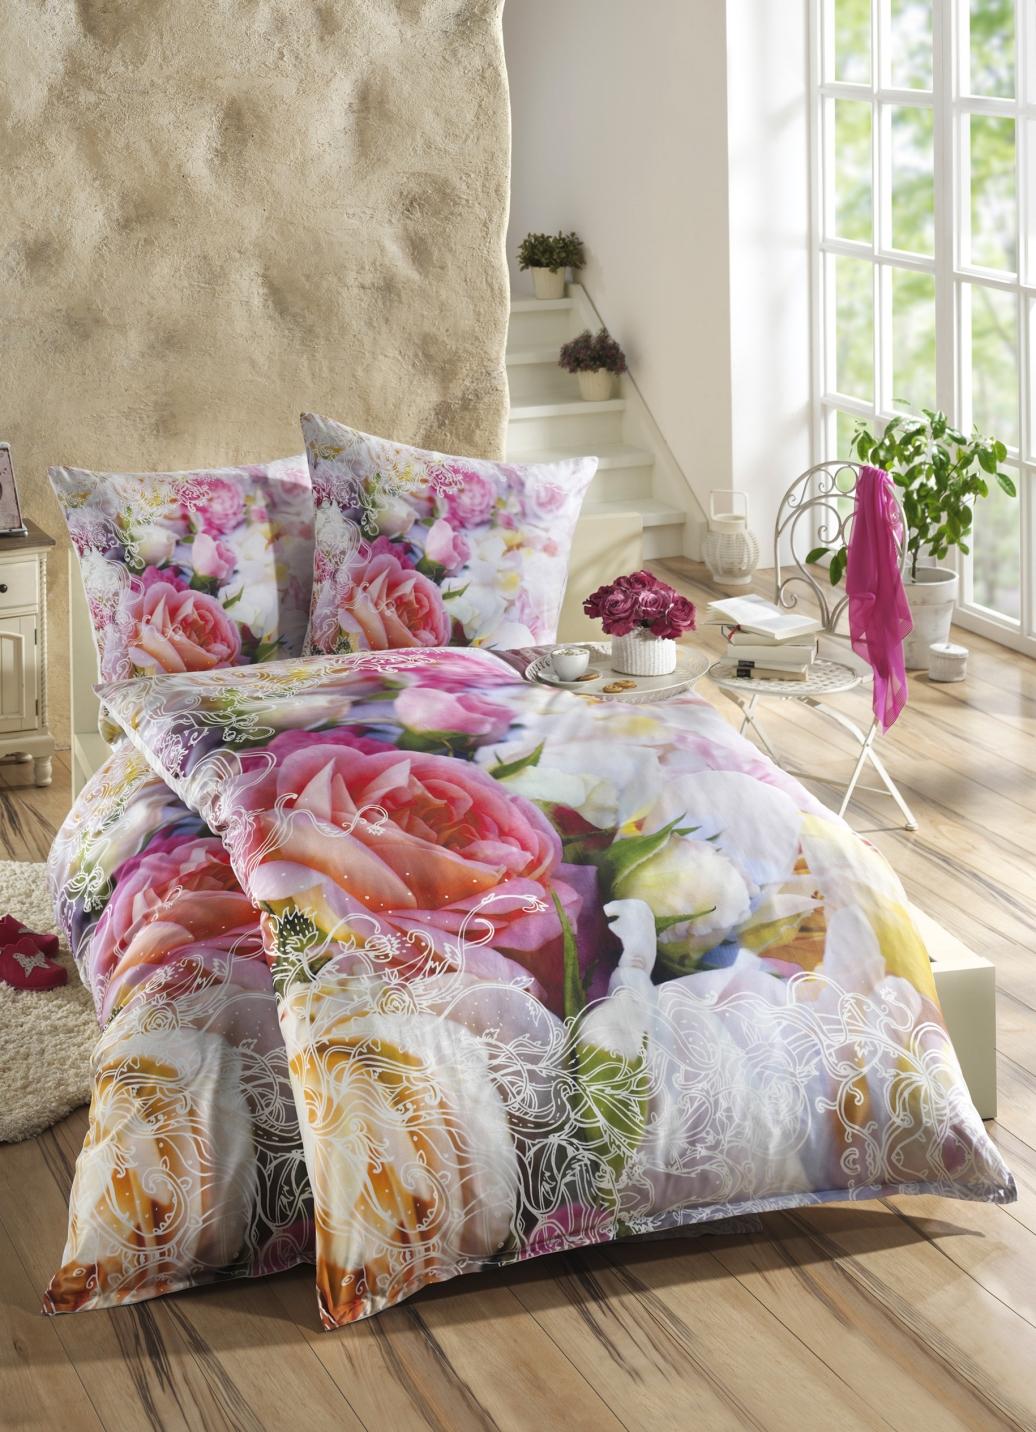 bettw sche garnitur mit rosen motive bettw sche. Black Bedroom Furniture Sets. Home Design Ideas